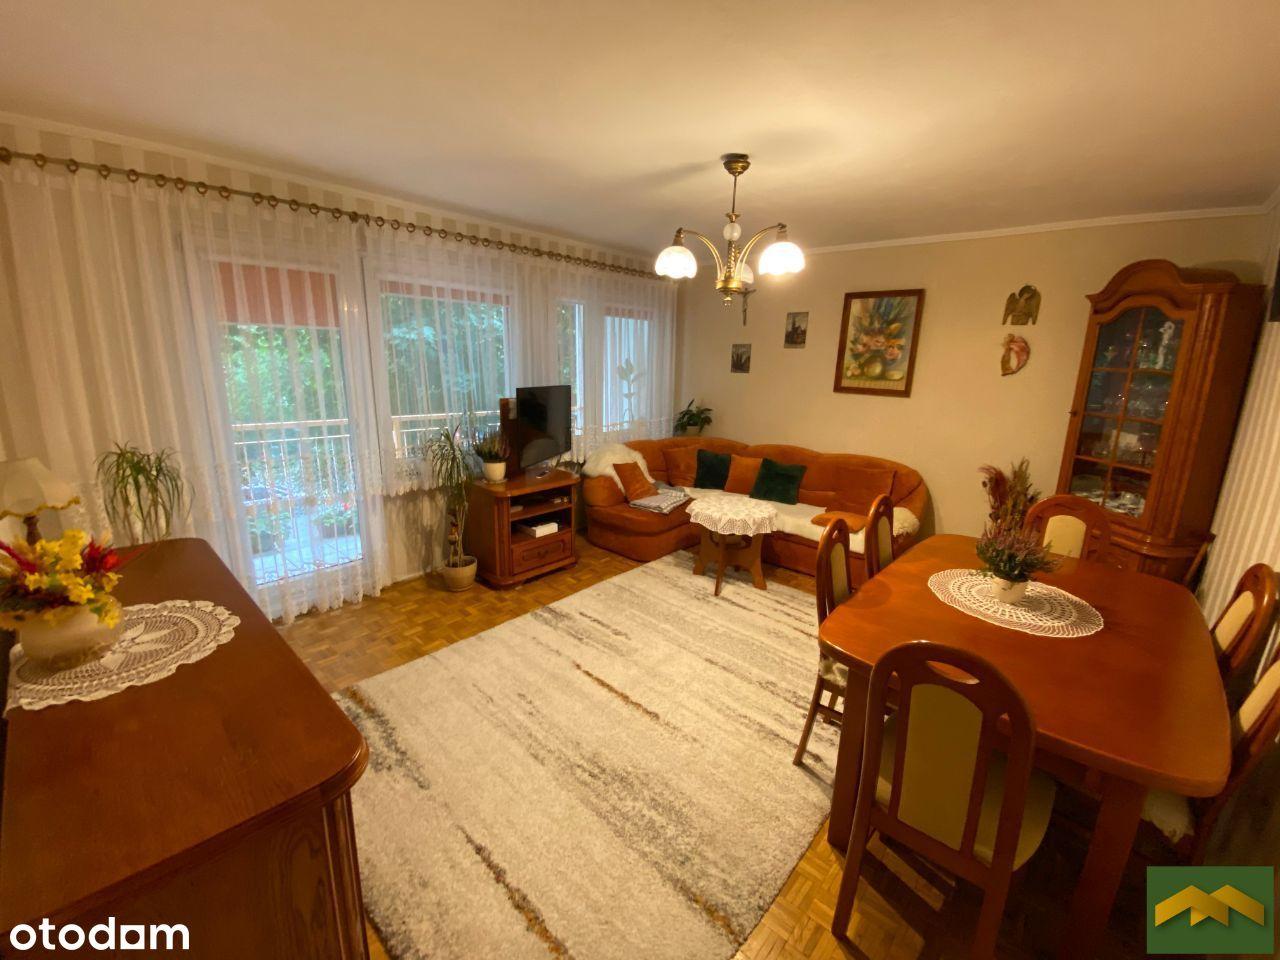 Mieszkanie 3-pokojowe, 60m2, rozkładowe, centrum